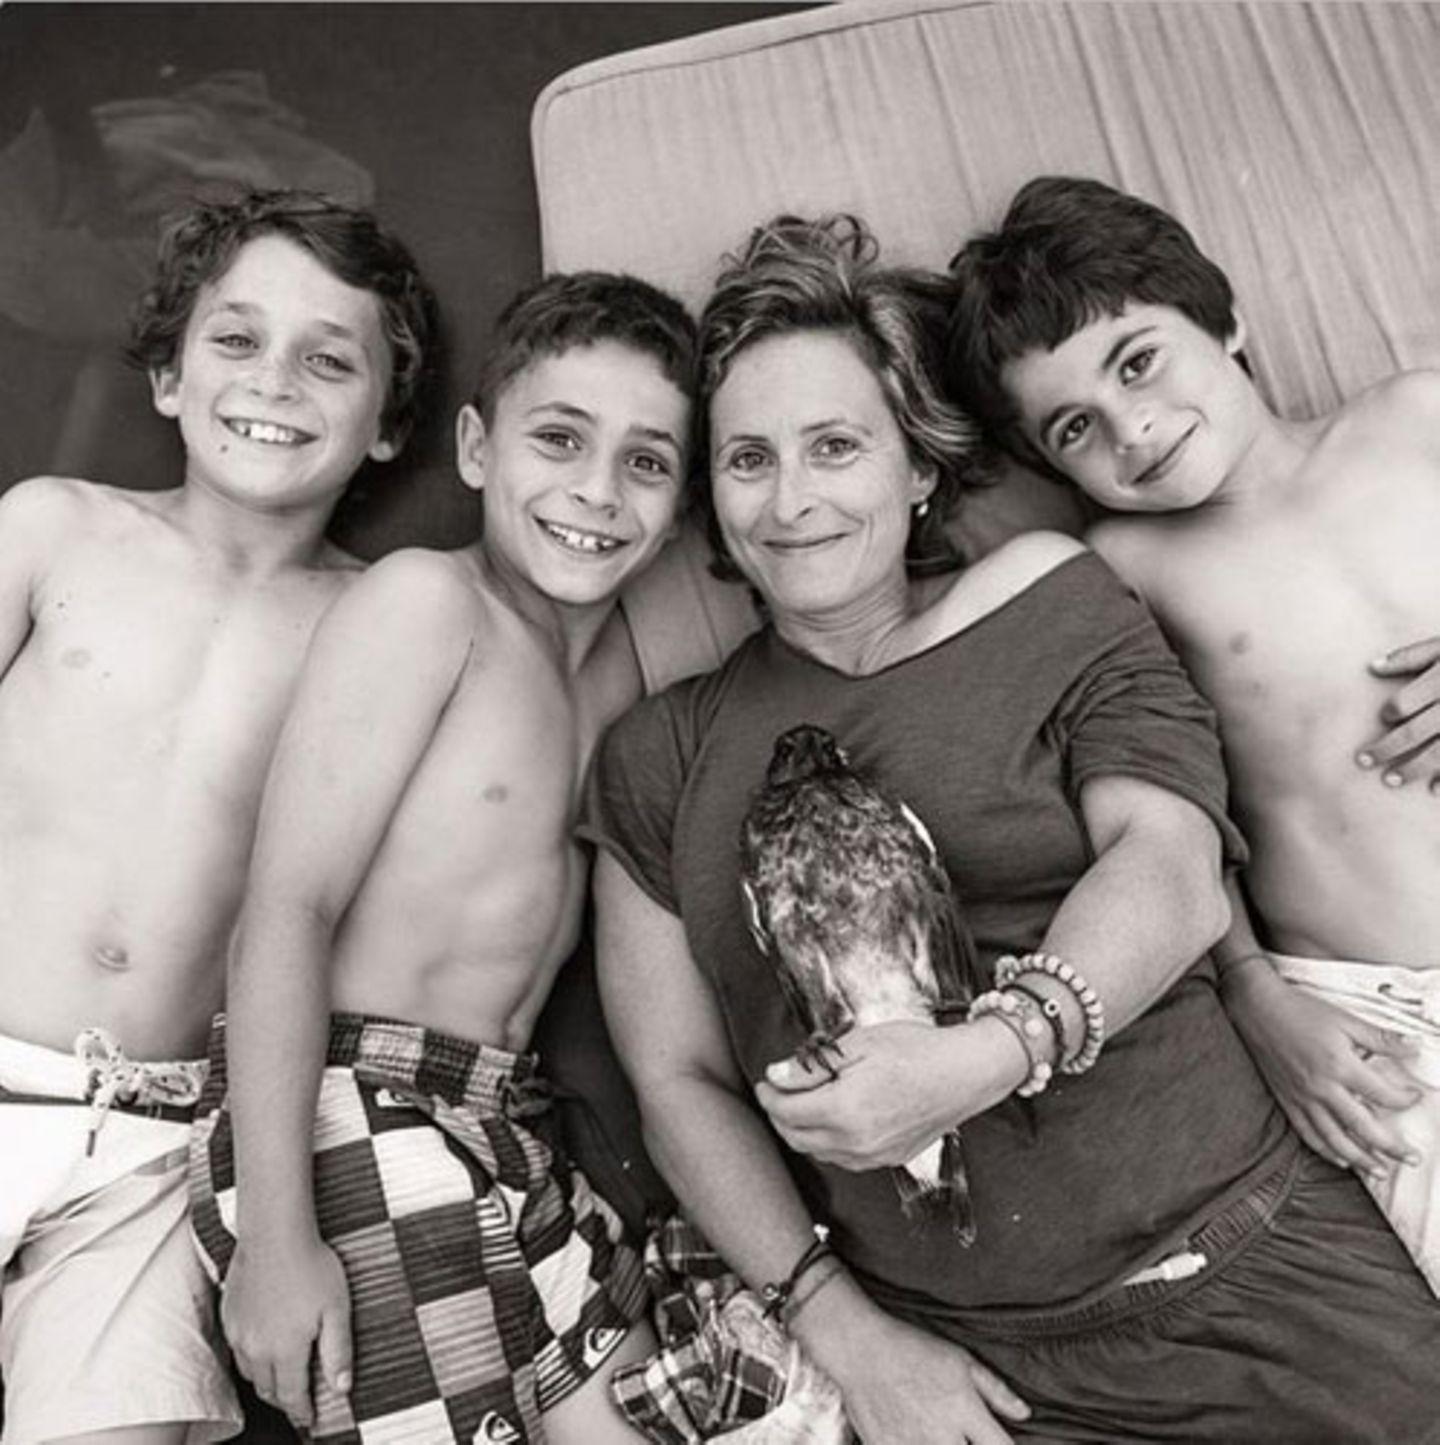 Noahs Mutter Cameron Bloom ist Fotografin - und merkte schnell, welche einzigartige Geschichte sich da vor ihrer Linse entwickelte.